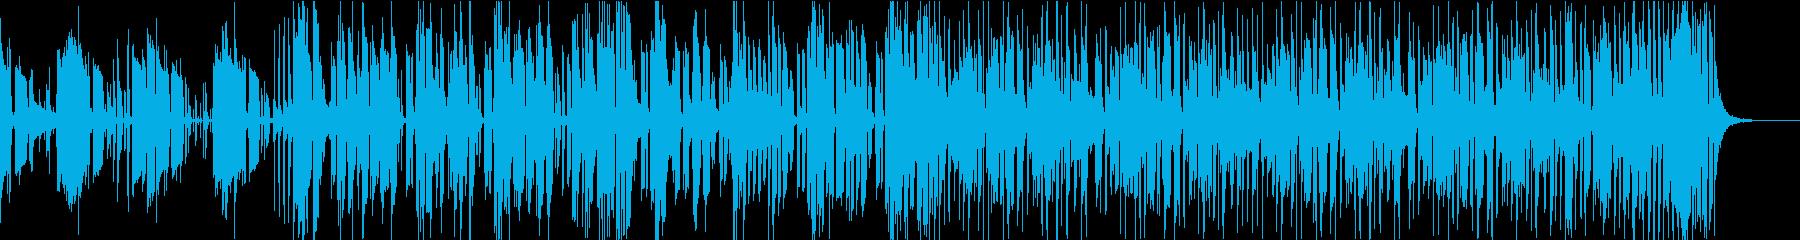 ドラマのワンシーンで流れてくるFunkの再生済みの波形